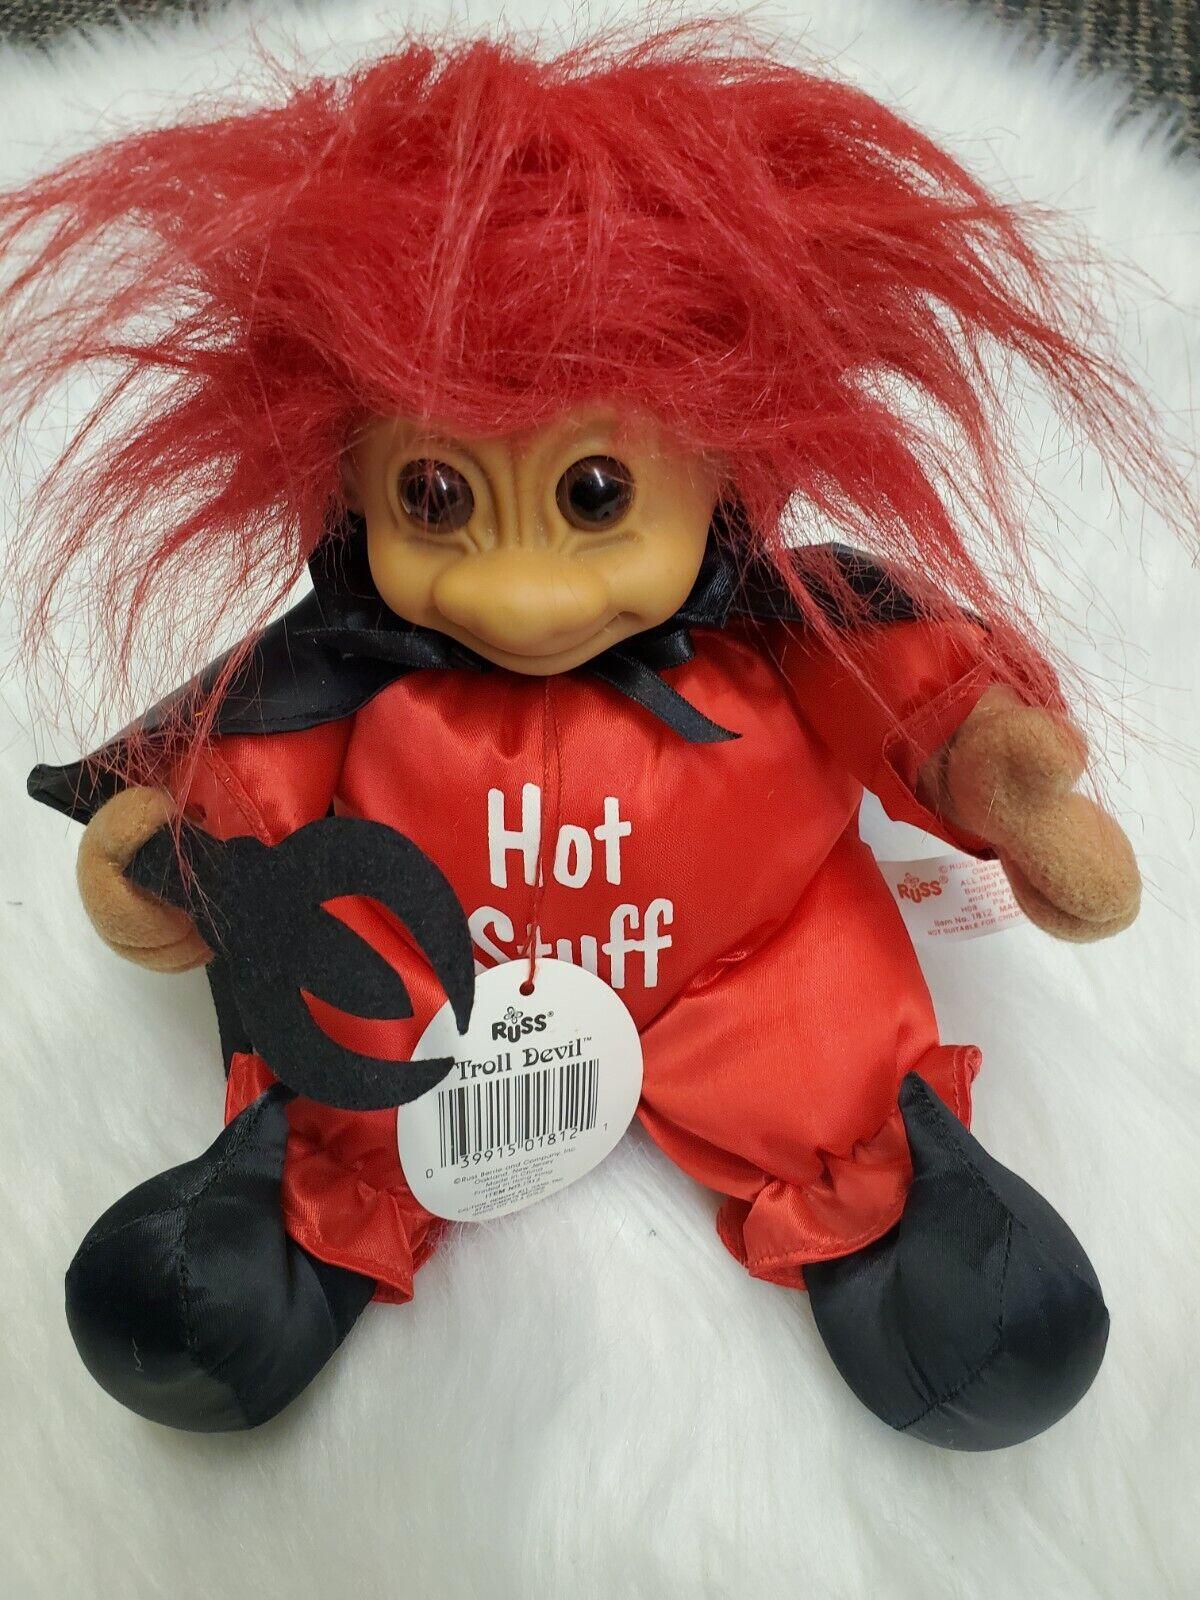 Russ Troll HOT STUFF Devil Seated 7 Plush Stuffed Troll HH-8 - $15.00